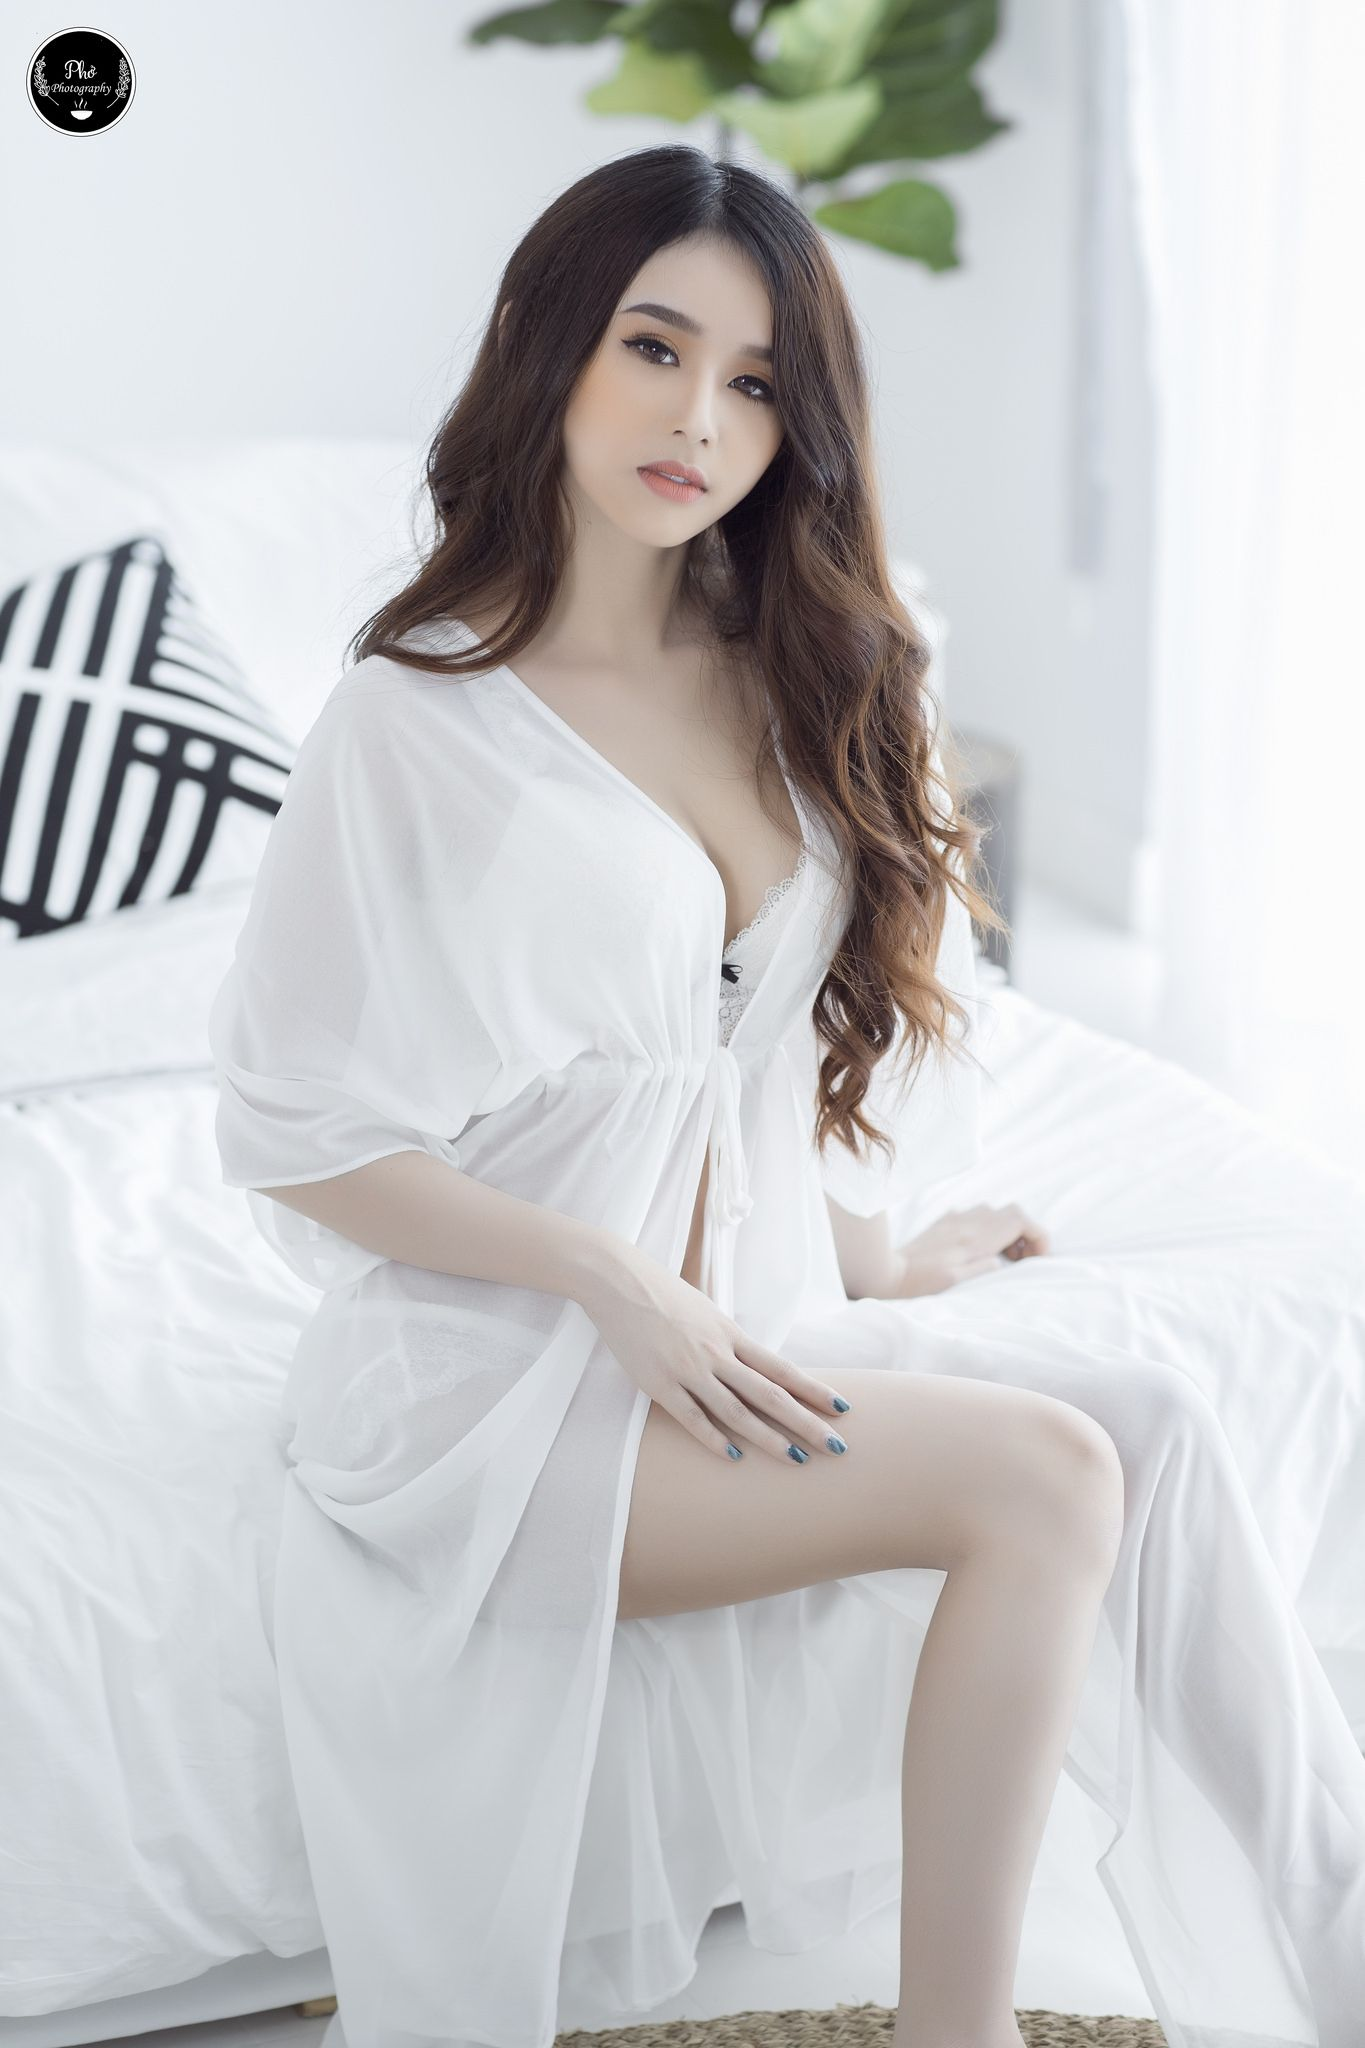 nội y sexy